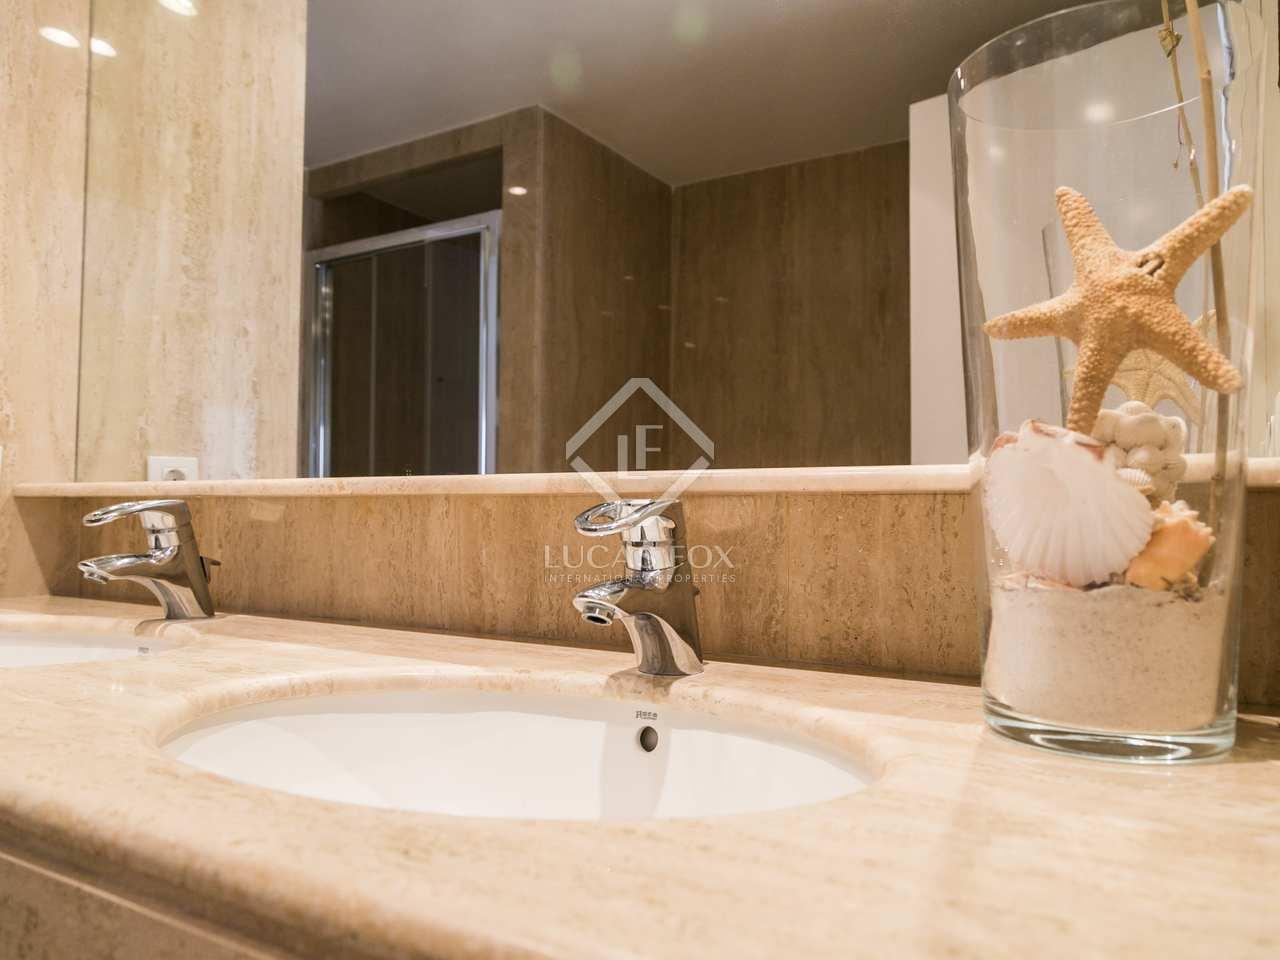 Piso de 4 dormitorios en alquiler en el centro de valencia - Pisos para alquilar en valencia ...